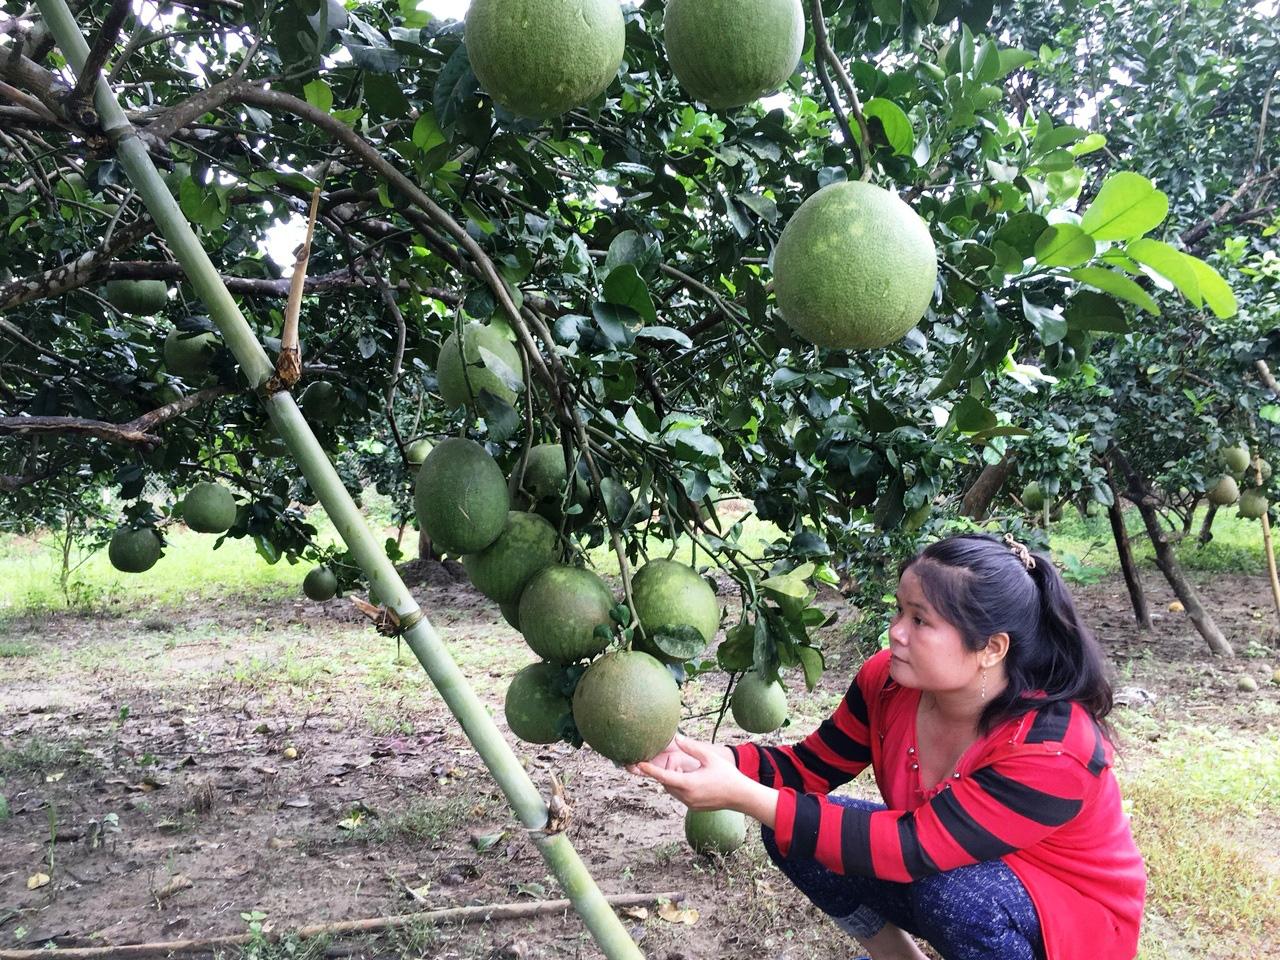 Hội Nông dân Khánh Hòa: Nhiều mô hình giúp hội viên, nông dân phát triển kinh tế - Ảnh 5.